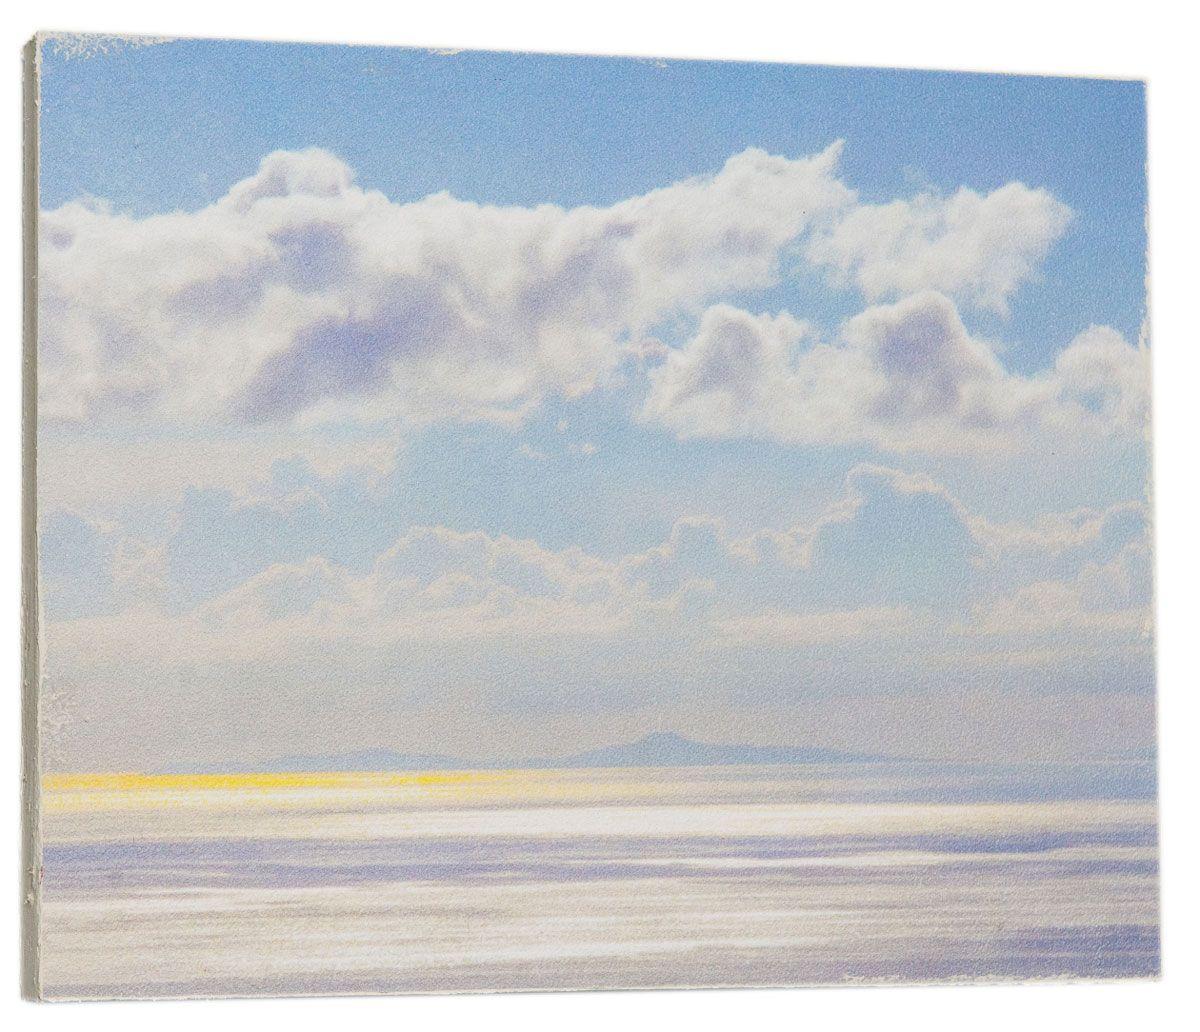 Картина Mister Poster Красивое небо, 32 х 24 см41616Картина Mister Poster - это высококачественная репродукция на деревянной раме. Лицевая поверхность имитирует штукатурку или натуральный холст, края окрашены вручную специальным декоративным составом.Современные технологии, уникальное оборудование и оригинальные чернила, используемые при изготовлении, делают постер устойчивым к выцветанию, а также гарантируют стойкость к воздействию негативных внешних факторов. Интерьер дома и офиса, в котором находится человек, в значительной степени влияет на его настроение и работоспособность. Правильное оформление интерьера создает благоприятный психологический климат, улучшает настроение и мотивирует. Добавьте «красок» в ваш интерьер и, возможно, в вашу жизнь.